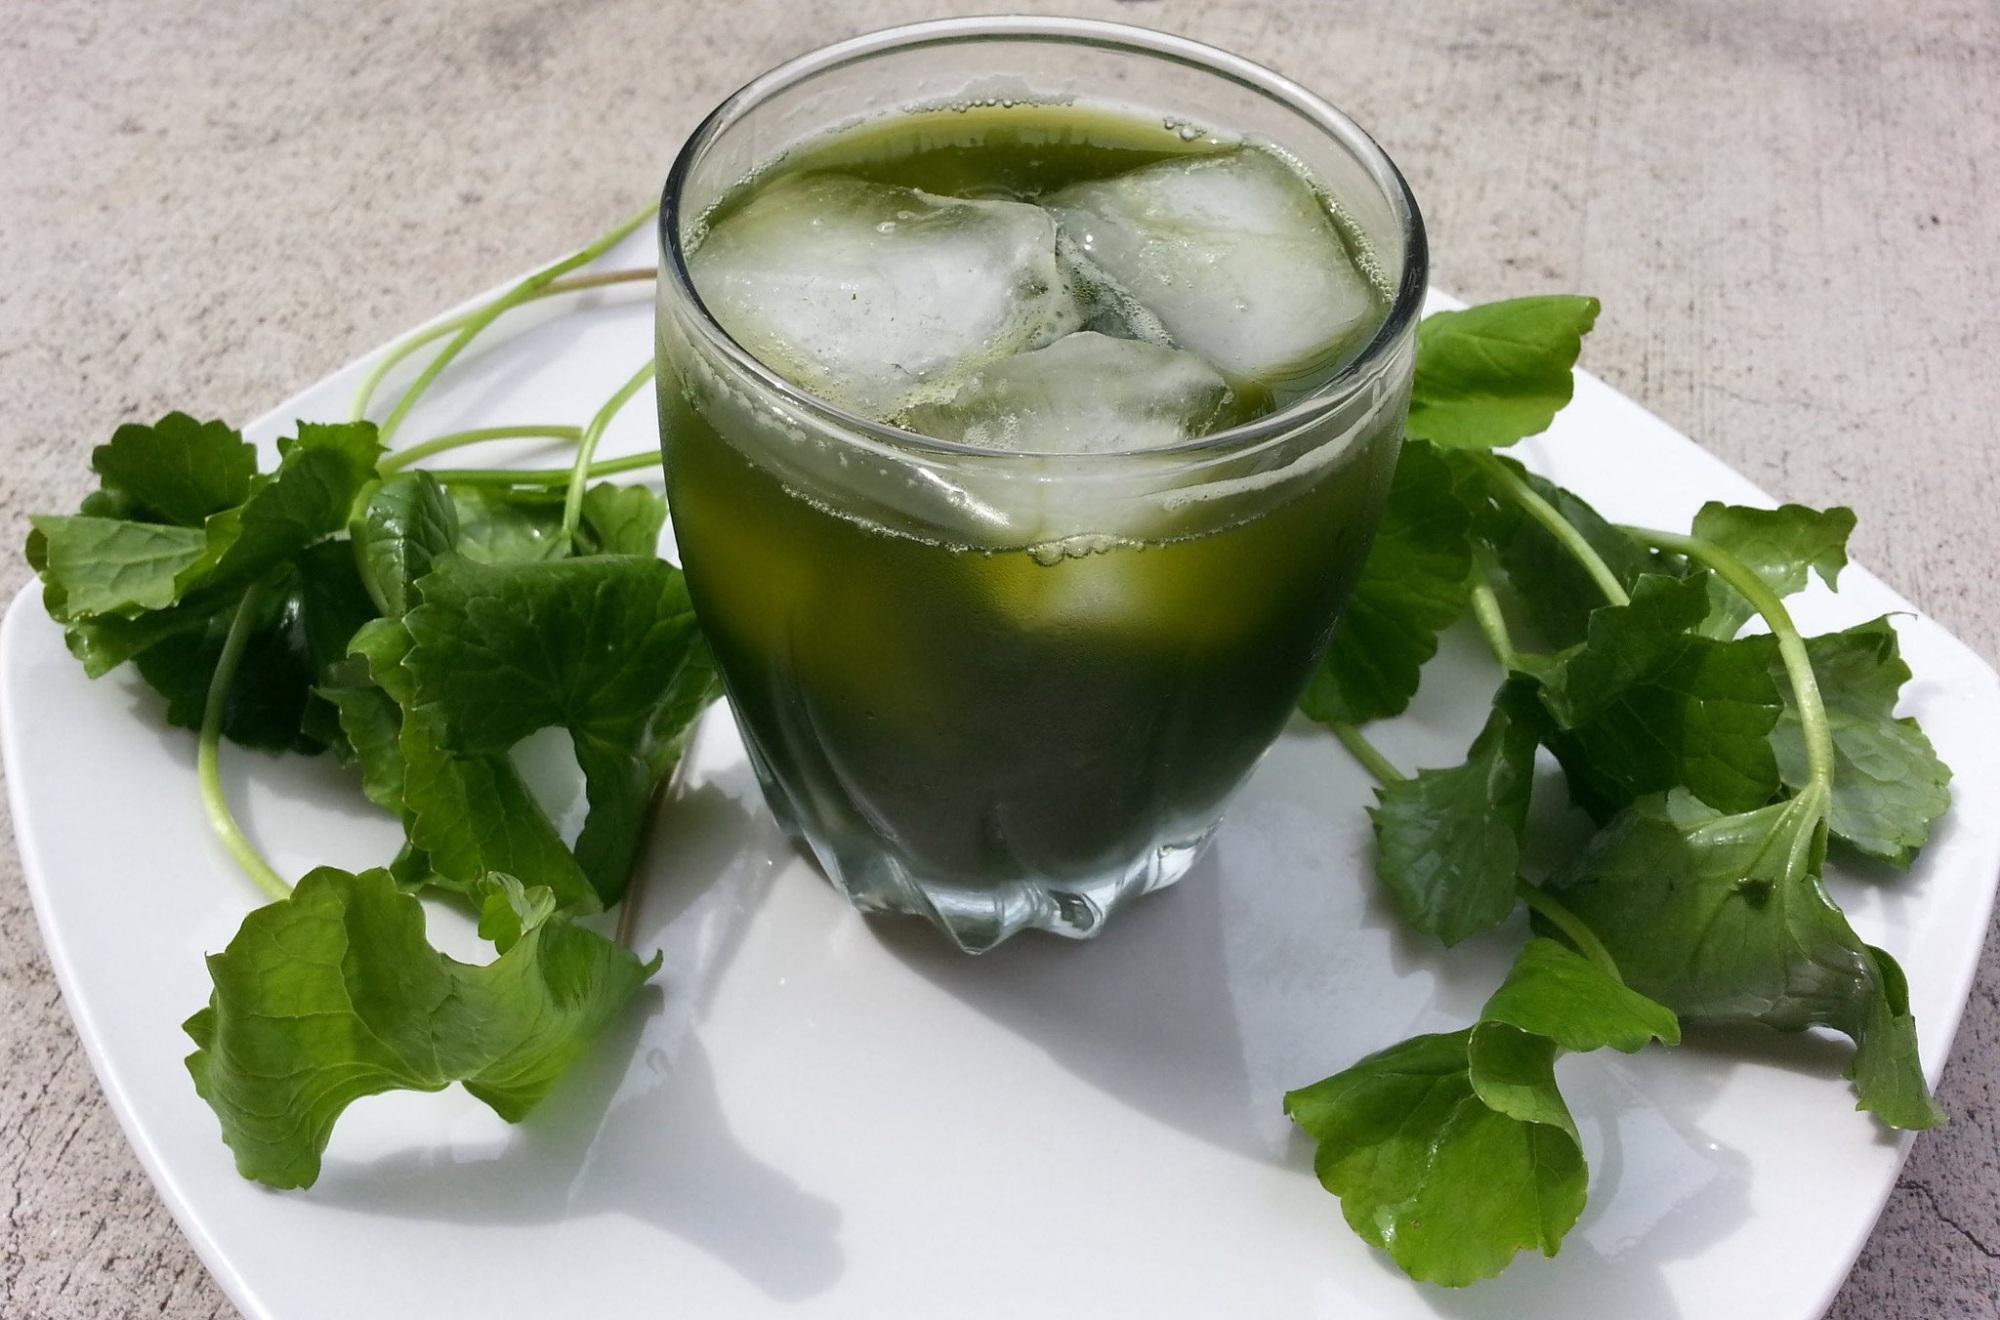 Uống nước rau má đúng cách để tránh trở thành 'thuốc độc' cho cơ thể - Ảnh 1